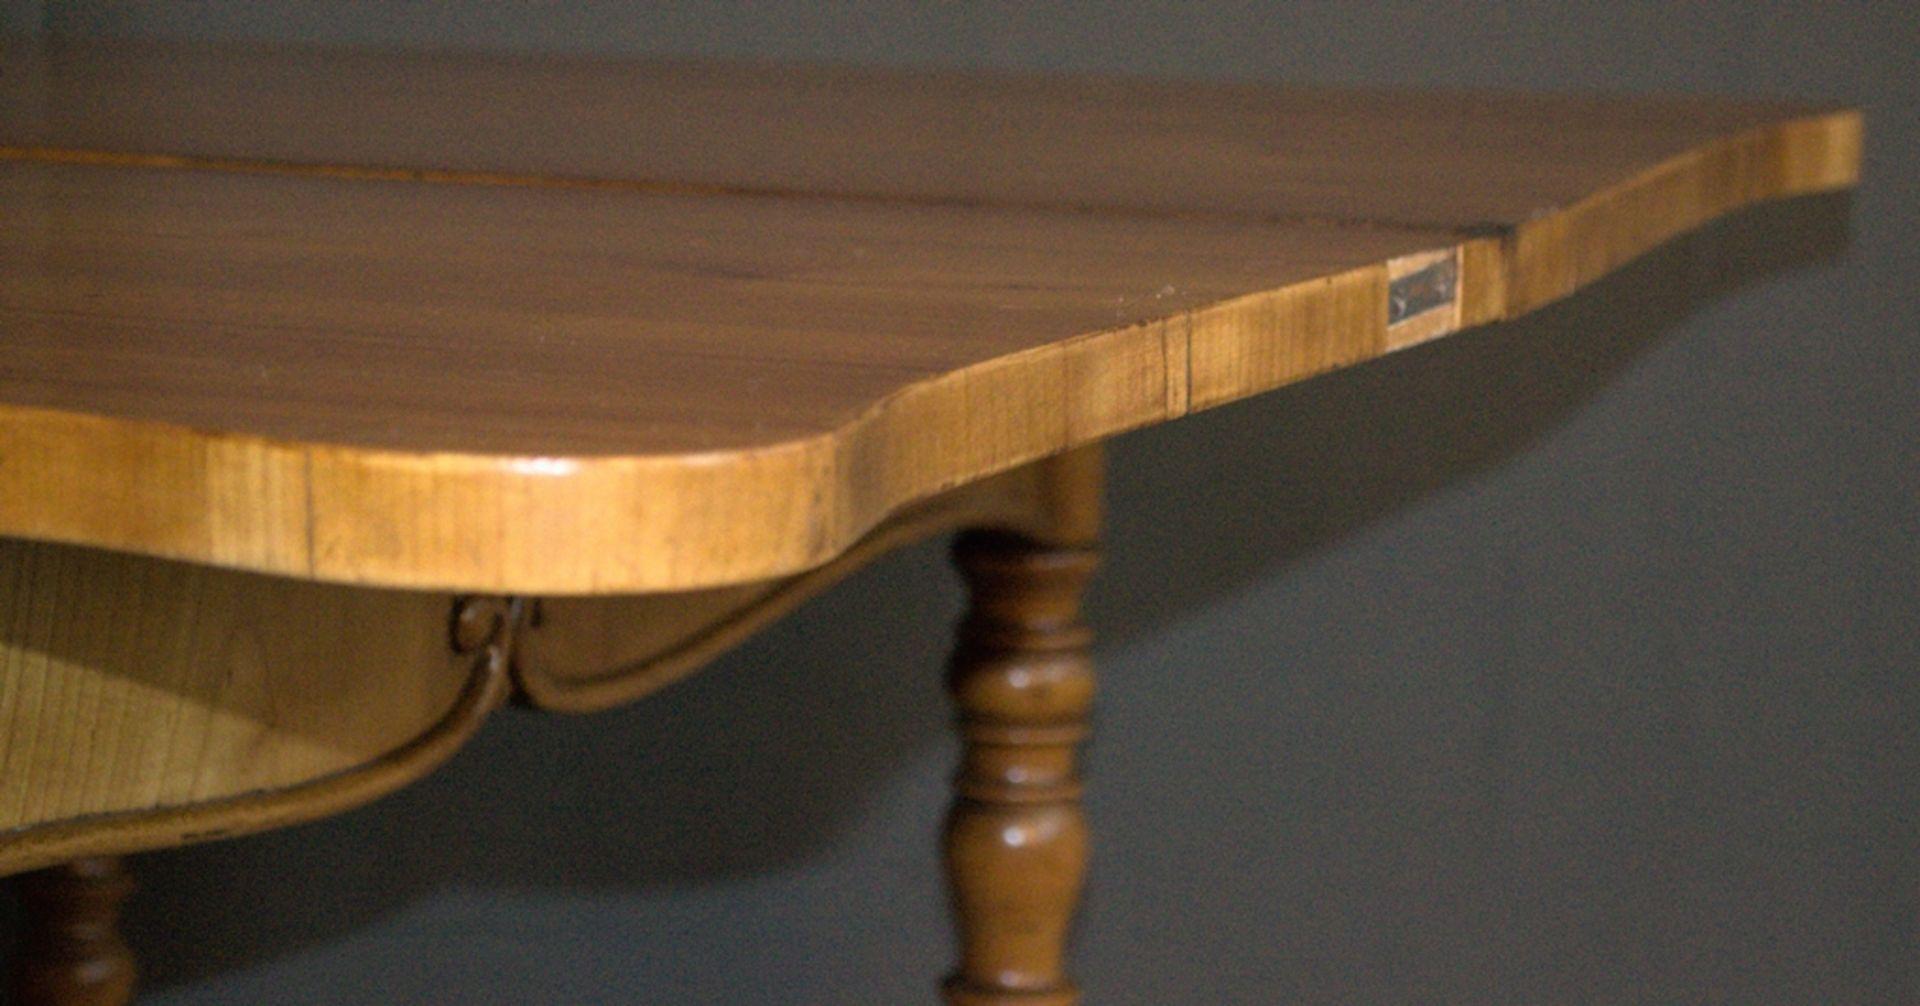 Konsoltisch/Spieltisch. Spätes Biedermeier um 1840/50. Kirschbaum massiv & furniert. Gepflegter - Bild 10 aus 24